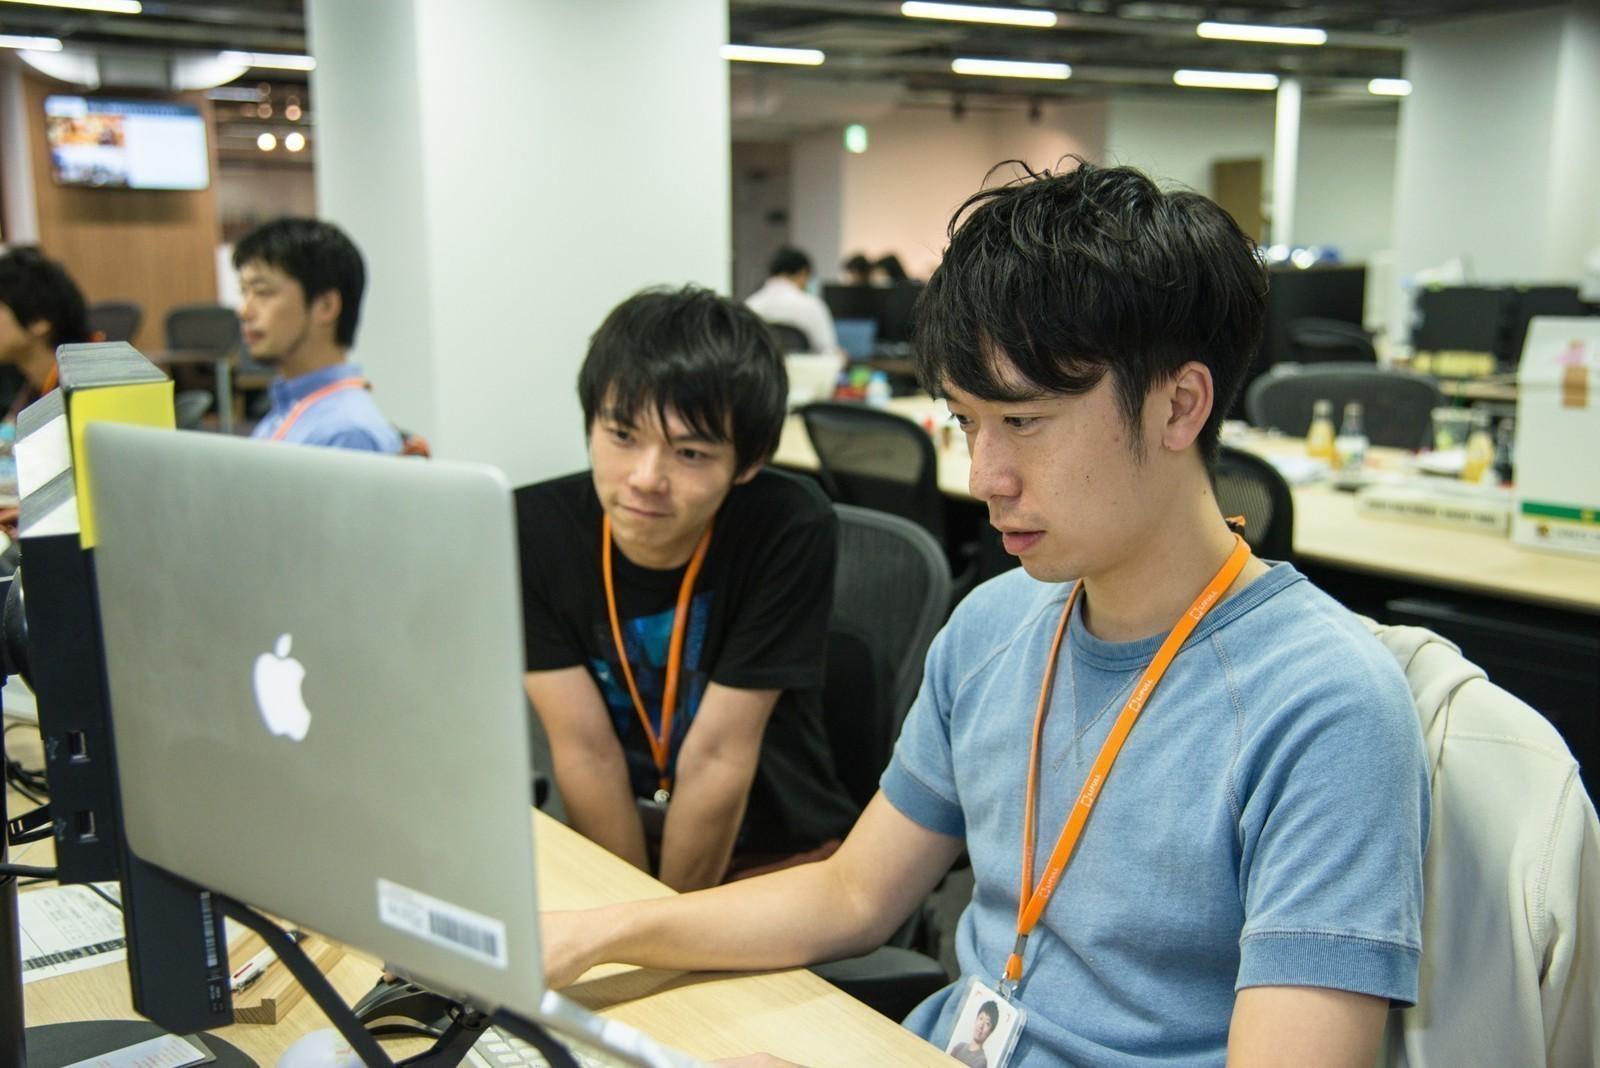 日本最大級の住まいの情報サイト「LIFULL HOME'S」の不動産会社向け業務支援システム開発を募集!